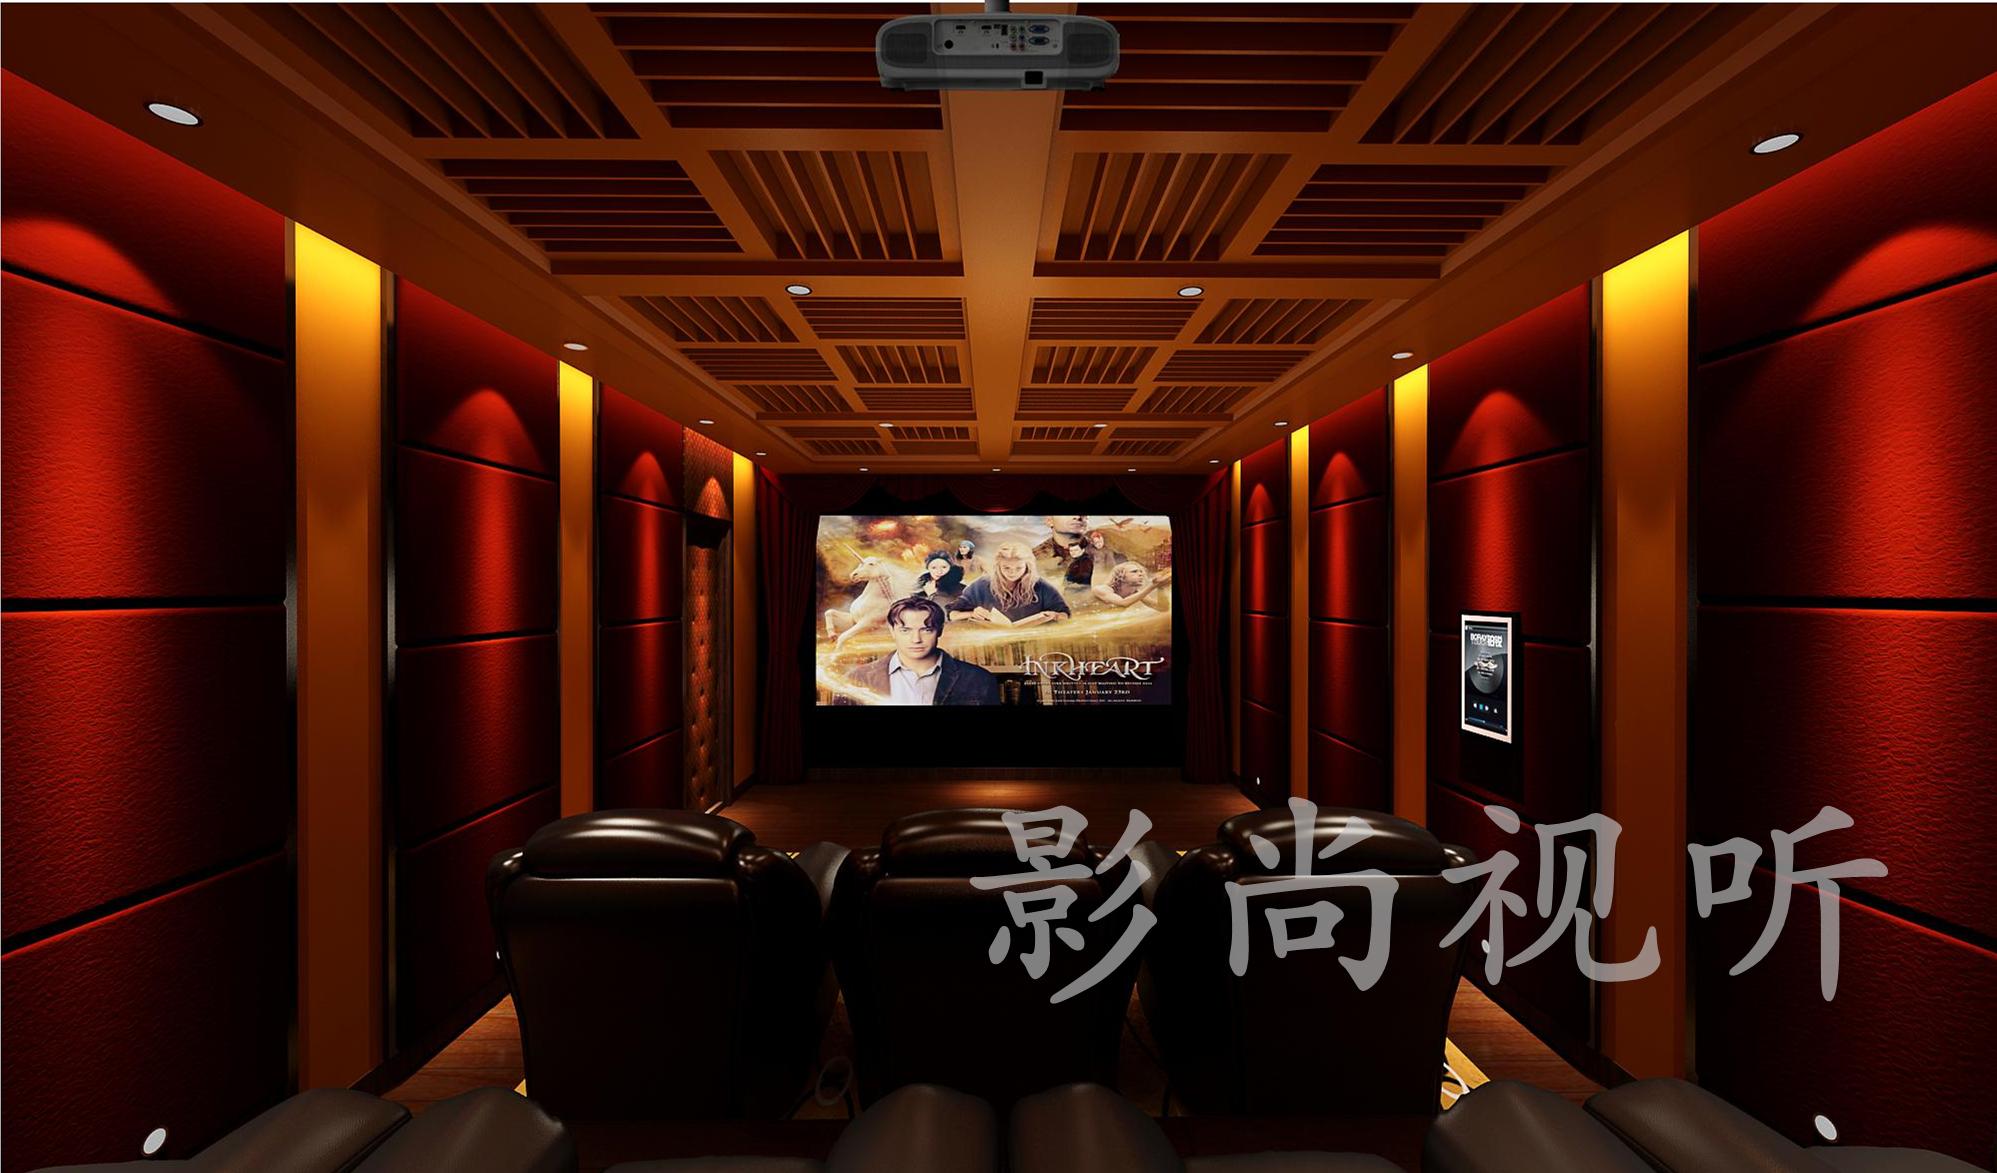 广州番禺珊瑚湾畔7.2声道家庭影院系统装修设计案例